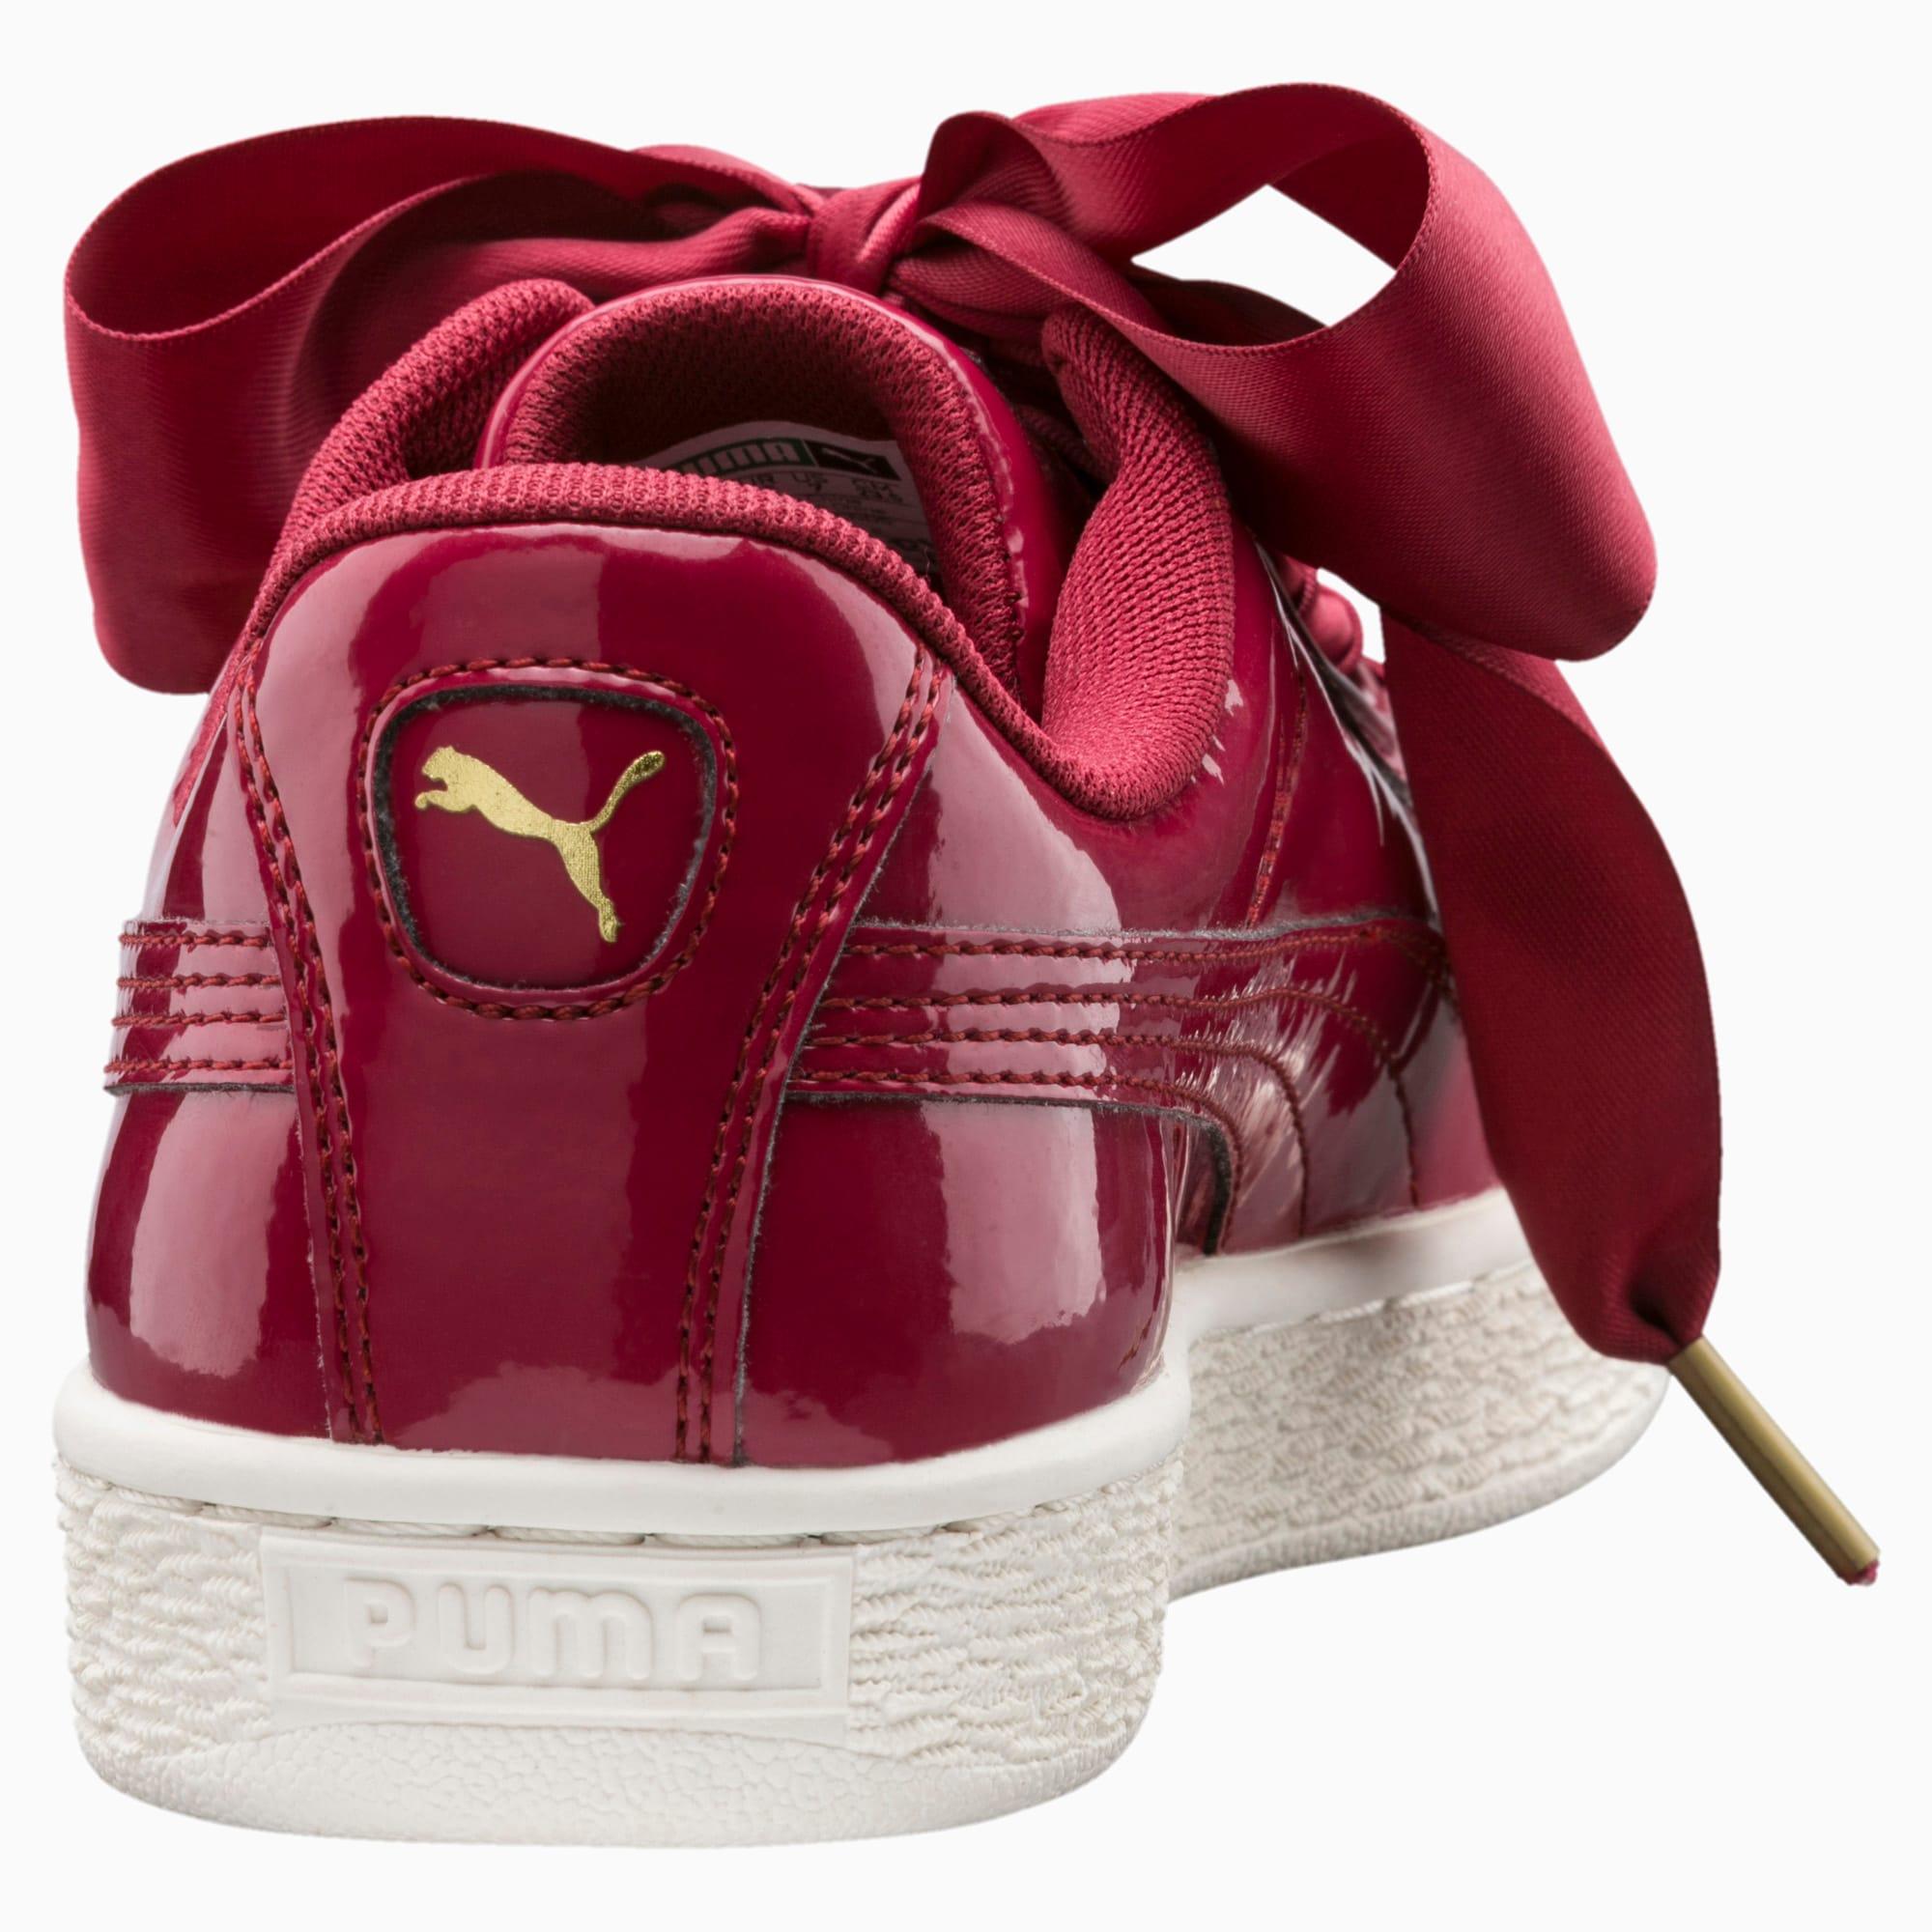 Basket Heart Patent Women's Sneakers